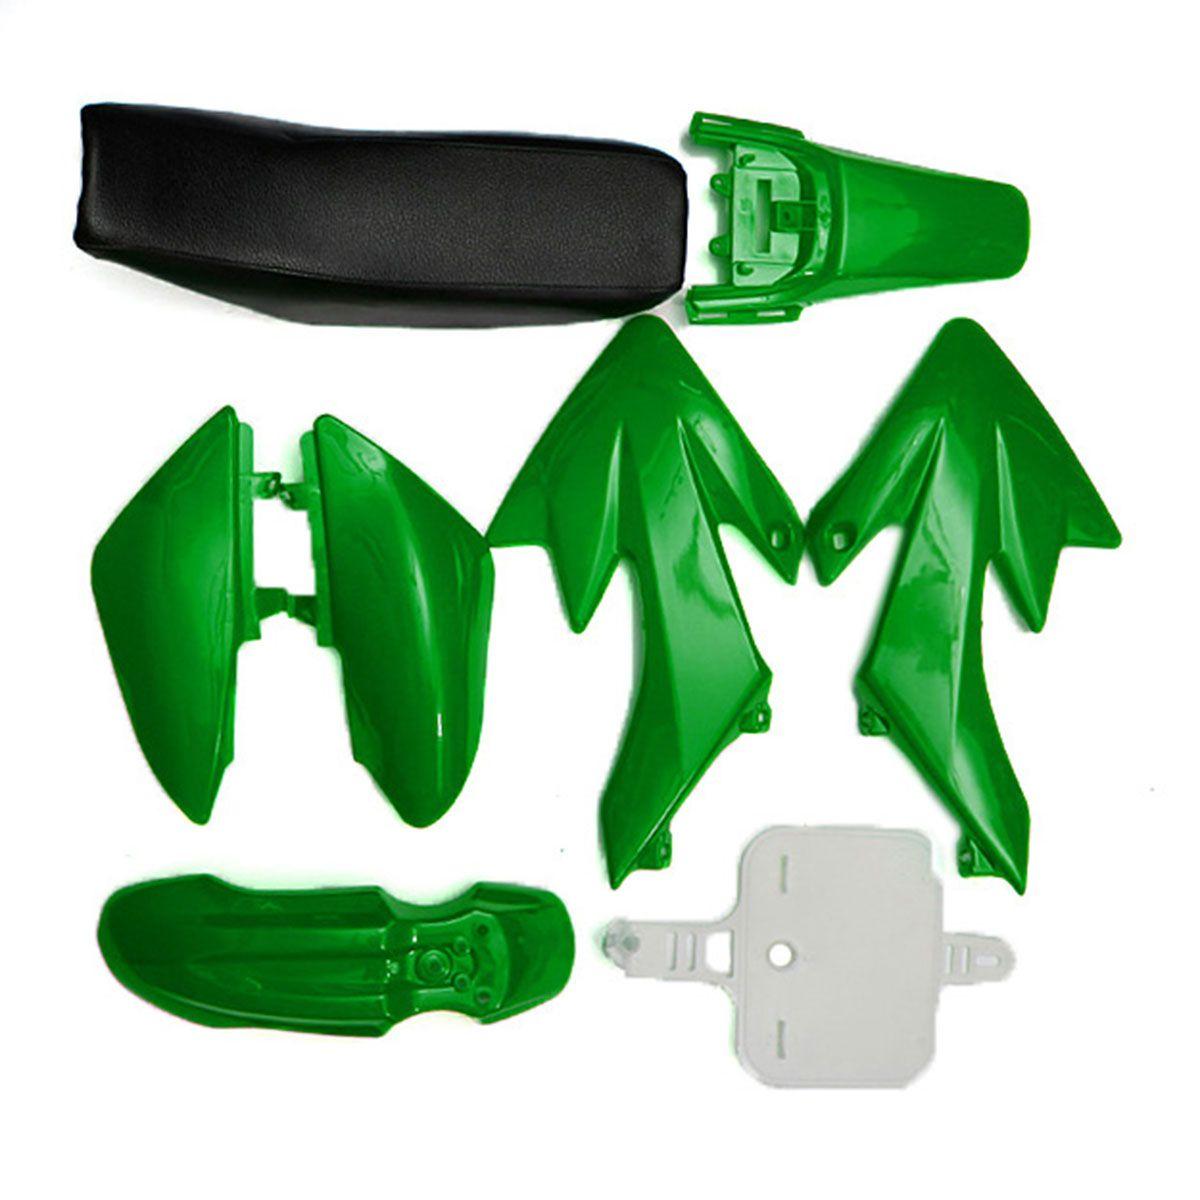 8pcs/set 4 Color 50cc 110cc 125cc 140cc Plastic 4-Stroke CRF50 Pit Bike Set Mudguard Seat